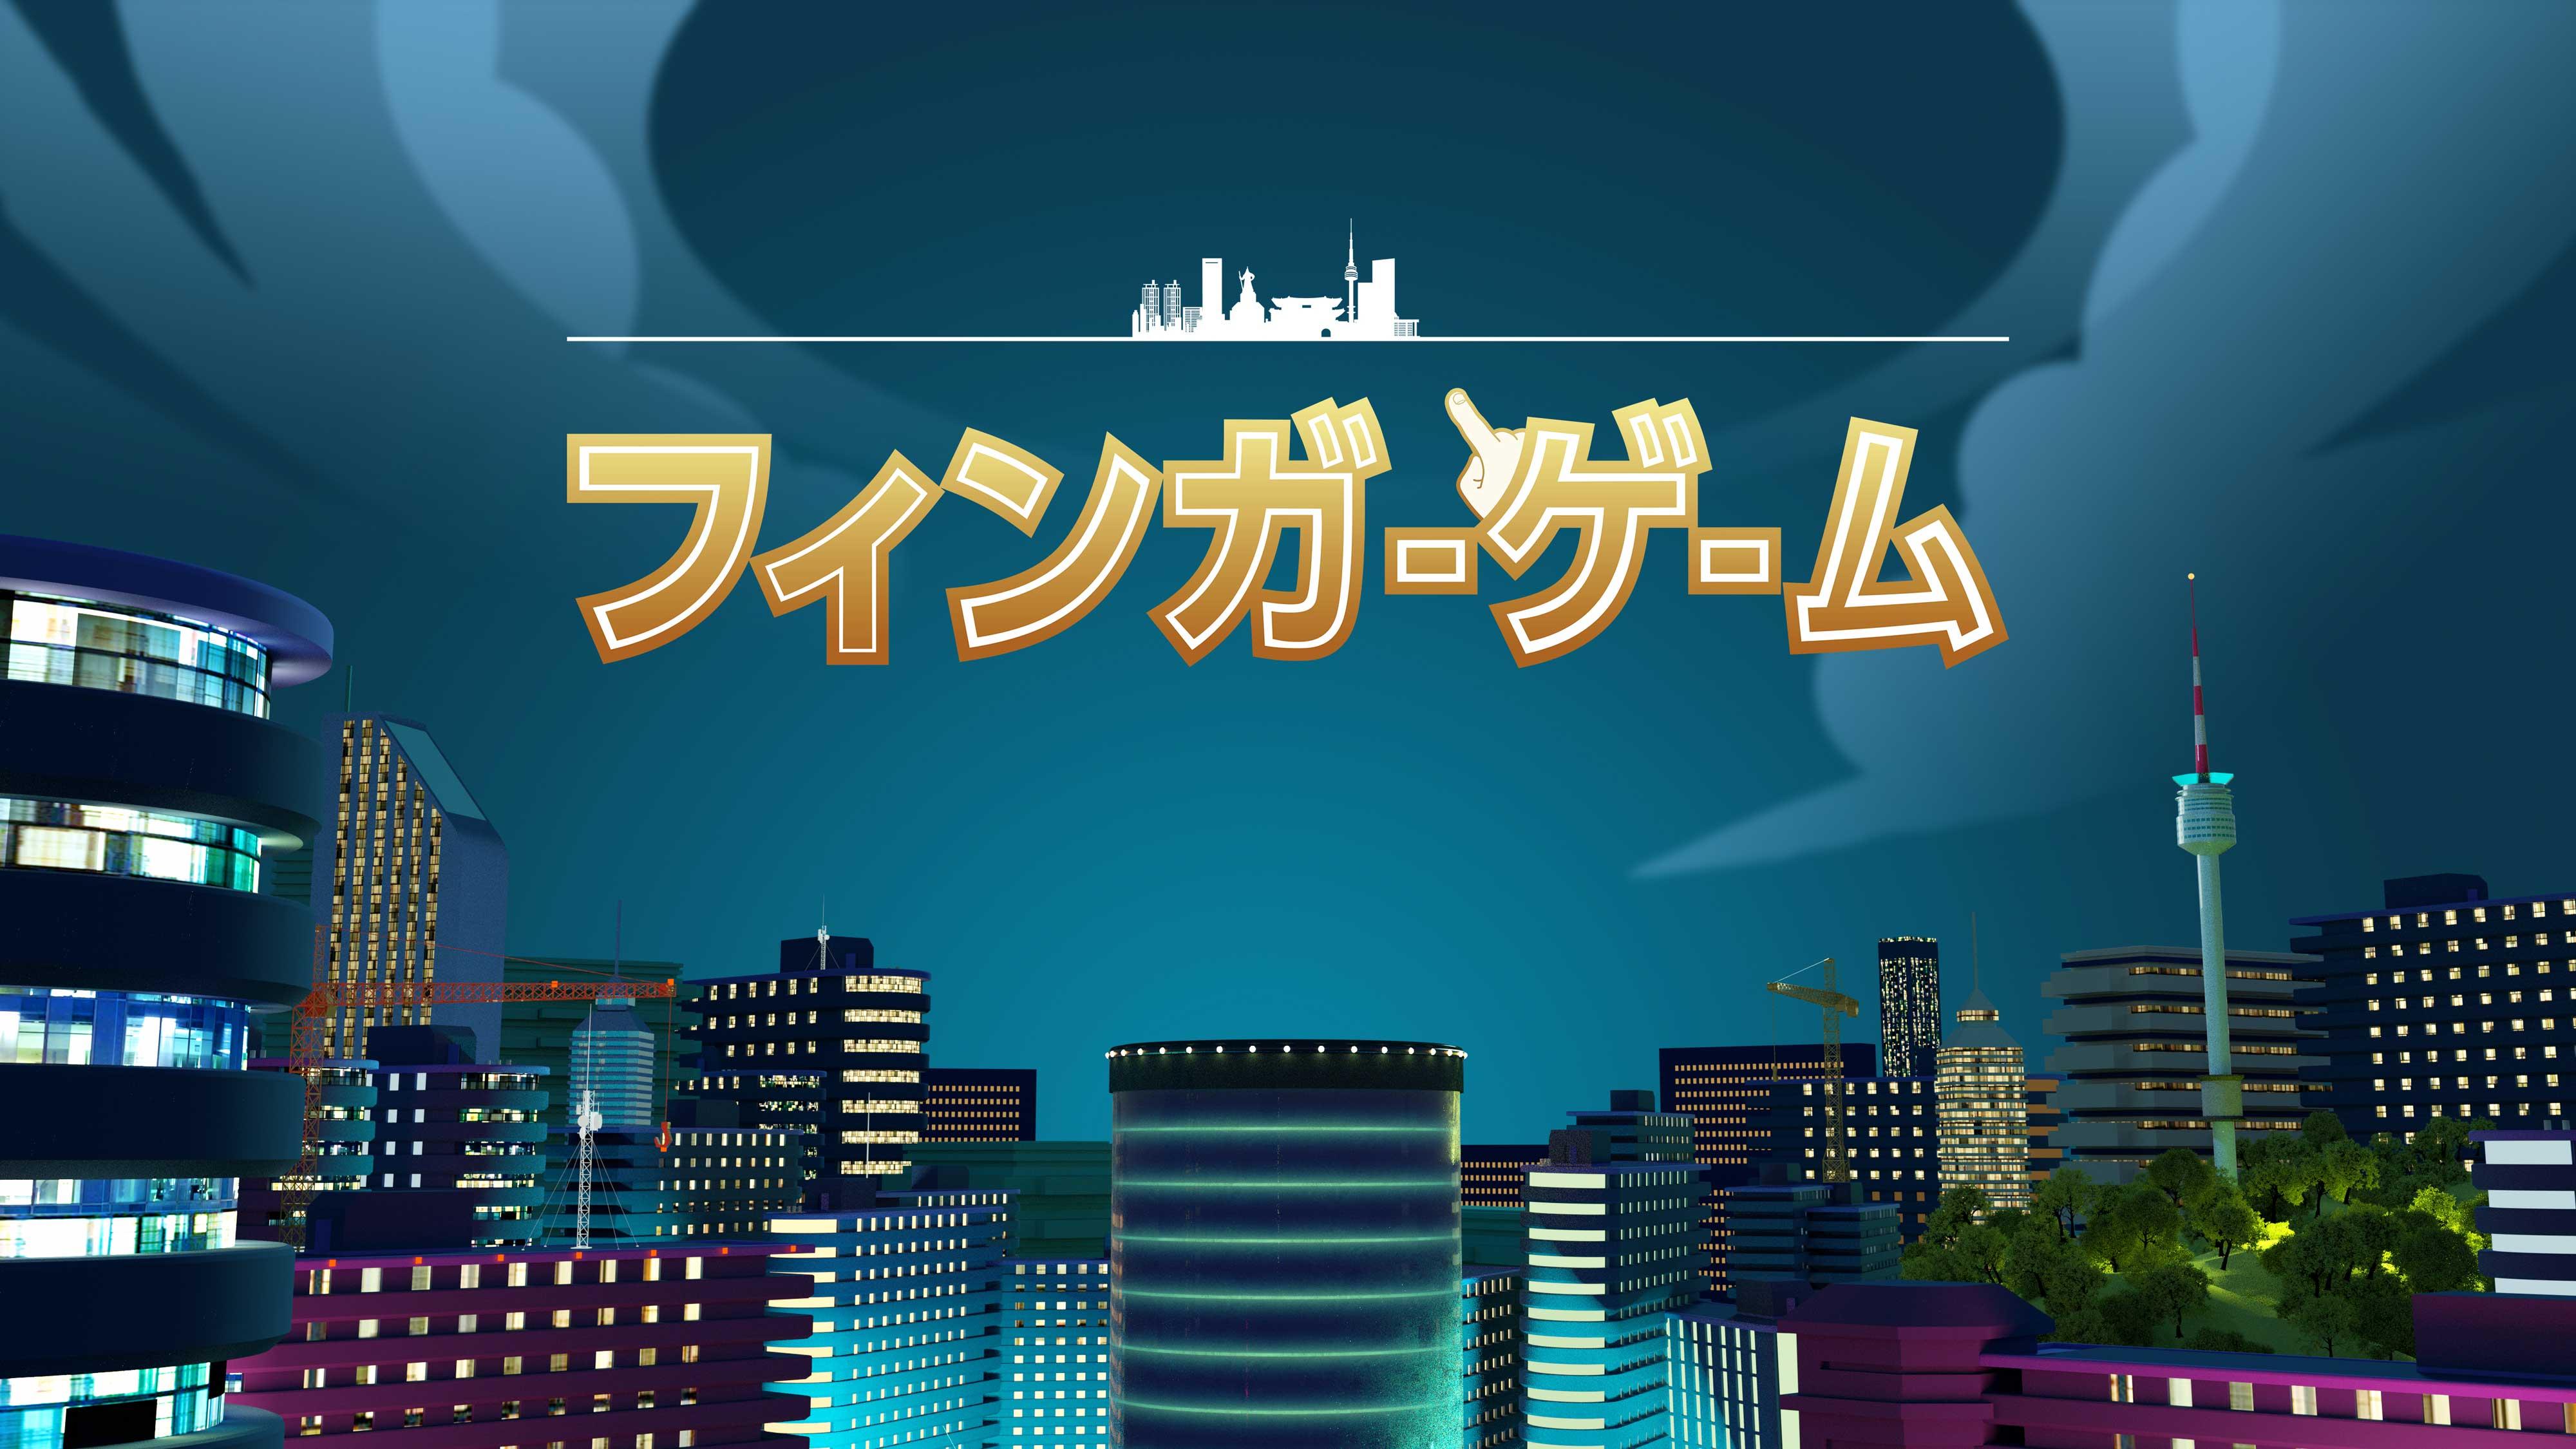 韓国初のミニチュアゲームショー!指先のみを使ったゲームに挑戦!「フィンガーゲーム」 4月15日 日本初放送 決定!